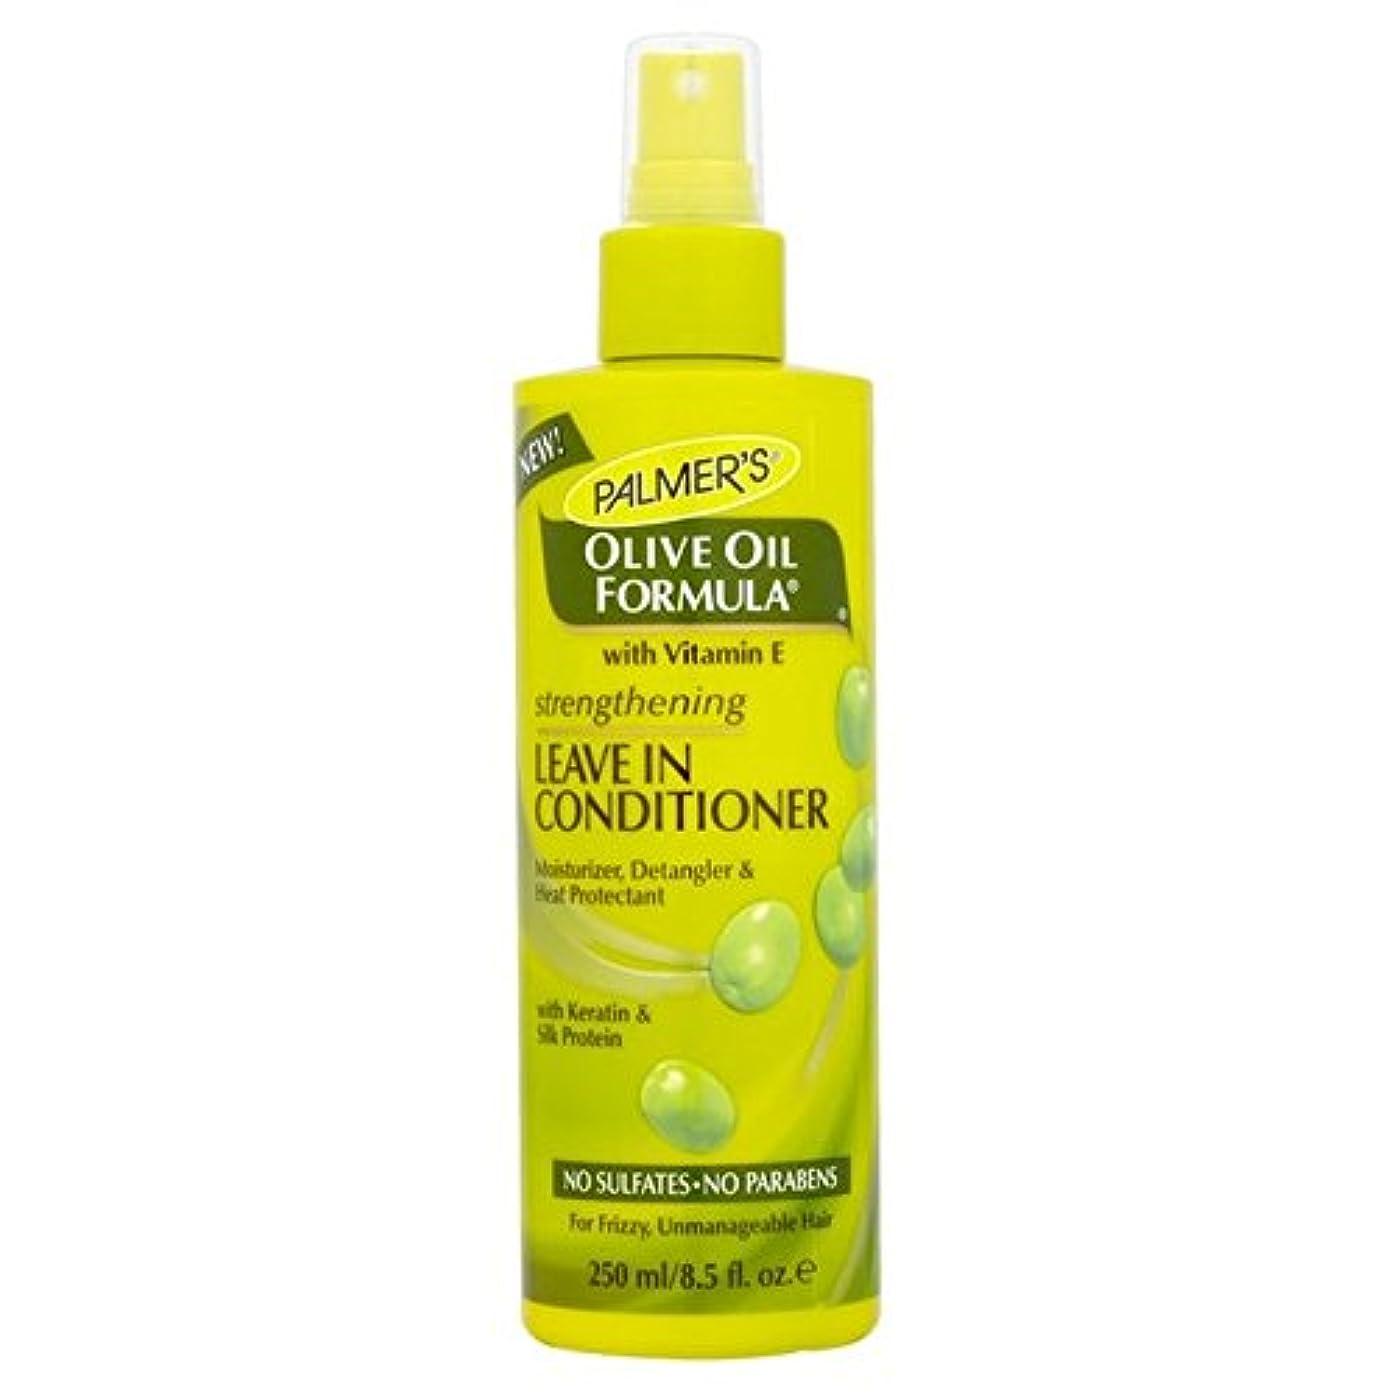 地中海マーチャンダイジング新着Palmer's Olive Oil Formula Strengthening Leave-in Conditioner 250ml - リーブインコンディショナー250を強化パーマーのオリーブオイル式 [並行輸入品]